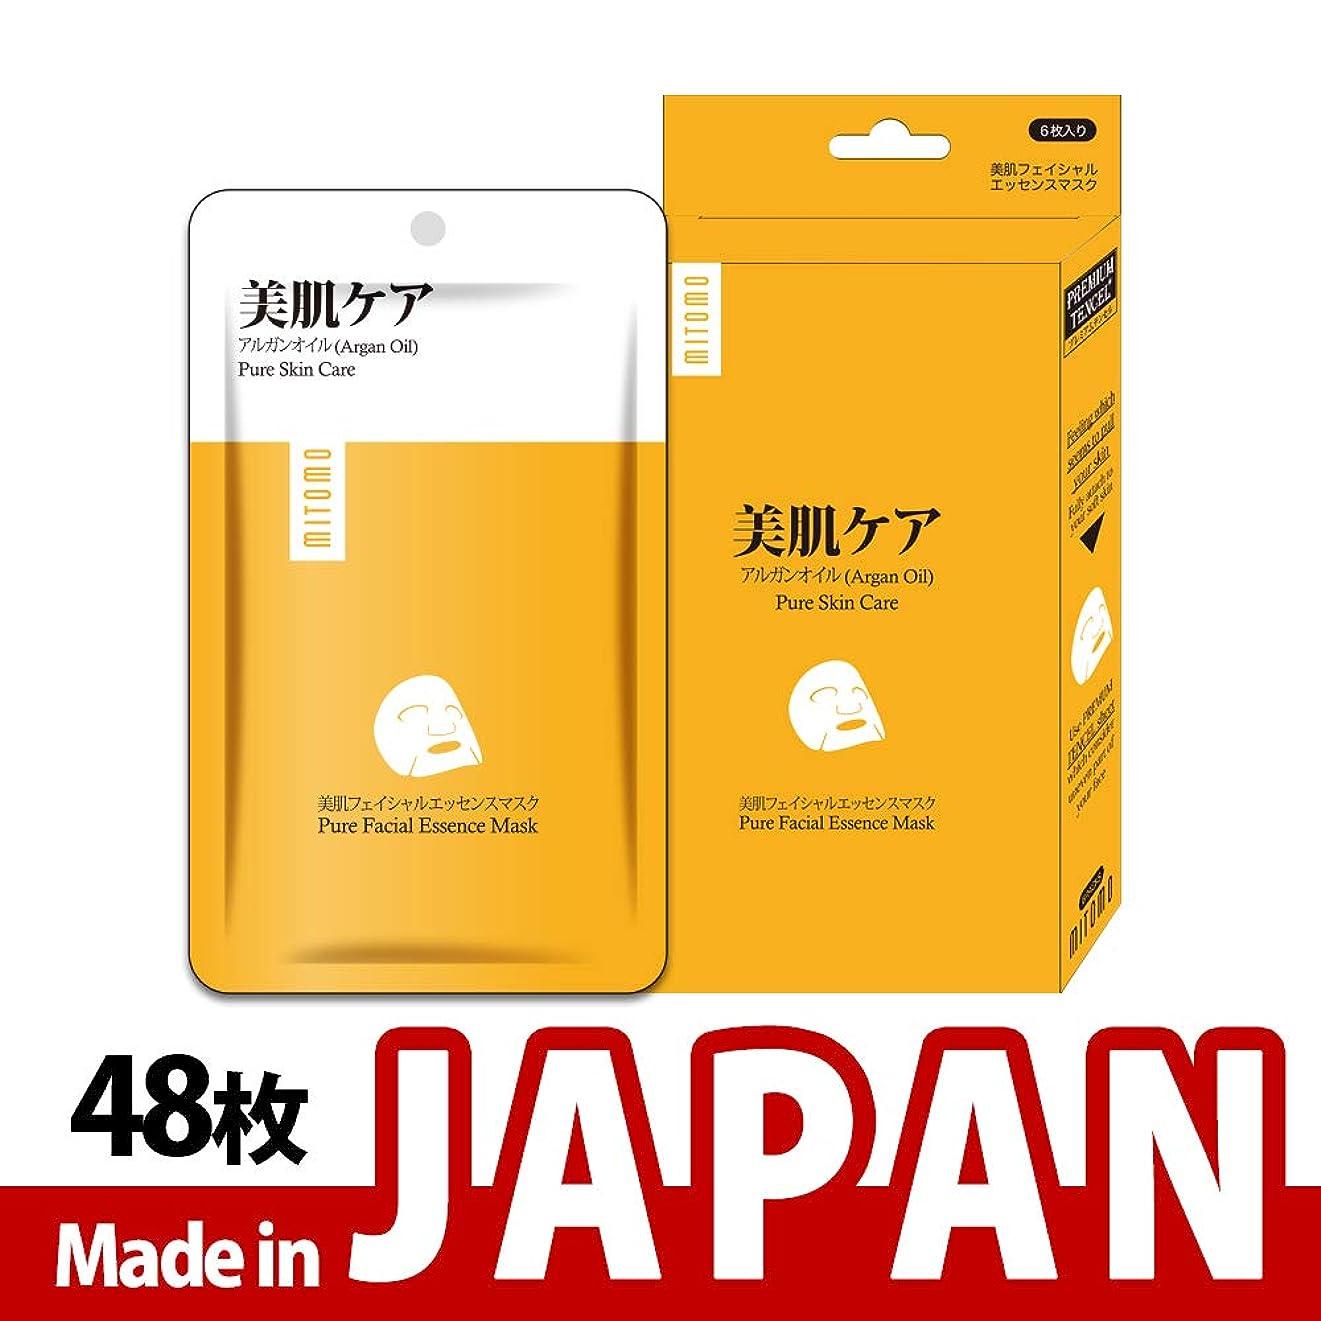 一人で想像する調整【HS002-A-5】MITOMO日本製シートマスク/6枚入り/48枚/美容液/マスクパック/送料無料